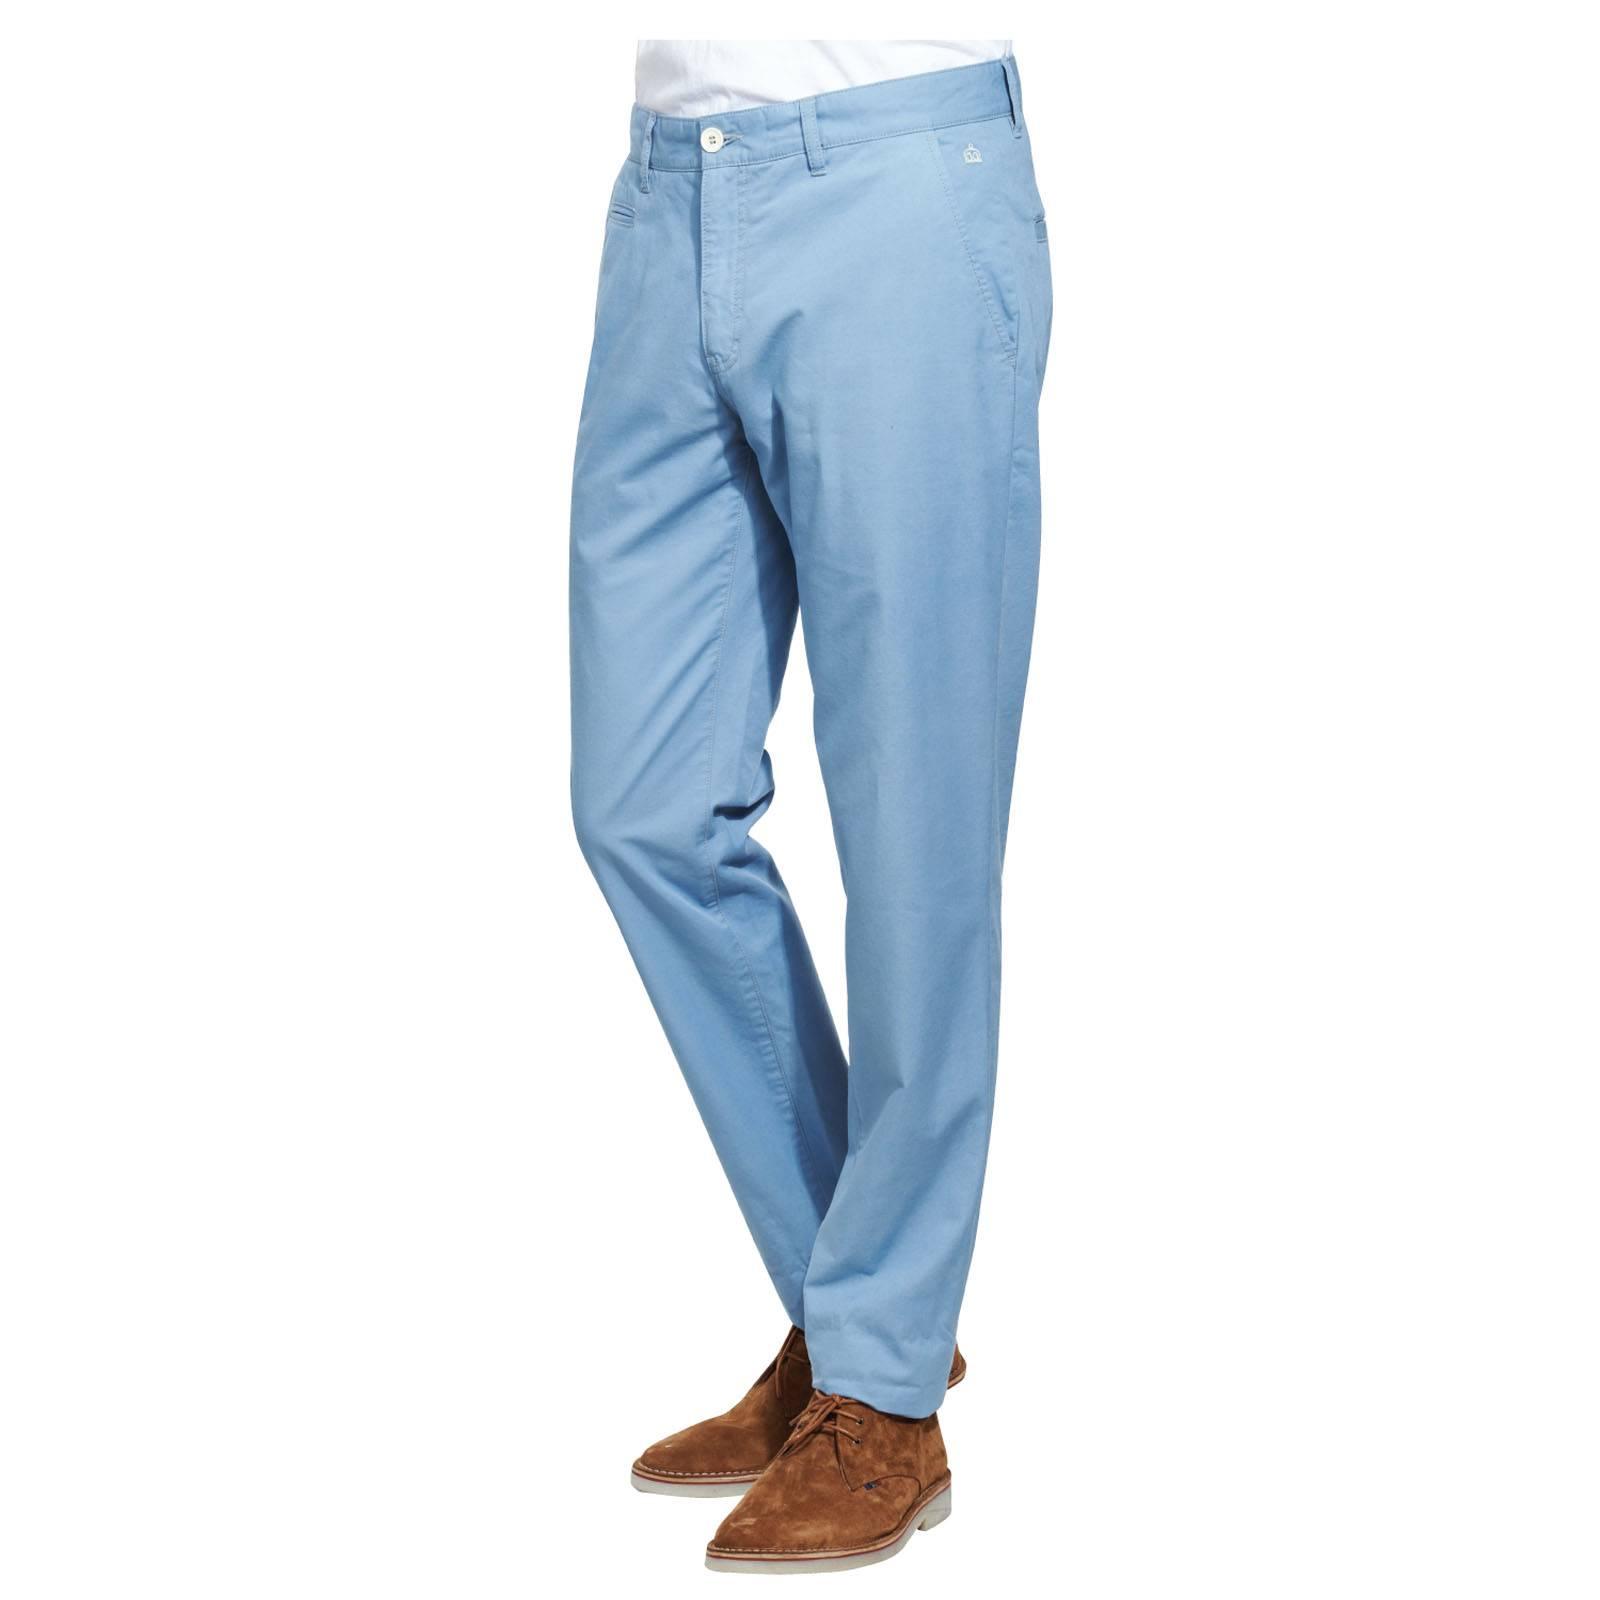 Чиносы MelvinБрюки и шорты<br>Зауженные кэжуальные чиносы из прочной хлопчатобумажной ткани саржевого переплетения, удобной при носке и неприхотливой в уходе. &amp;lt;br /&amp;gt;<br>&amp;lt;br /&amp;gt;<br>На подвороте имеется красивый контрастный селвидж. Два задних кармана застегиваются на пуговицы, петли на поясе подходят для стандартного ремня. &amp;lt;br /&amp;gt;<br>&amp;lt;br /&amp;gt;<br>Эти брюки легко комбинируются с дезертами, кедами или топсайдерами. В качестве верха можно сочетать с поло или приталенной рубашкой.<br><br>Артикул: 1214104<br>Материал: 100% хлопок<br>Цвет: голубой<br>Пол: Мужской